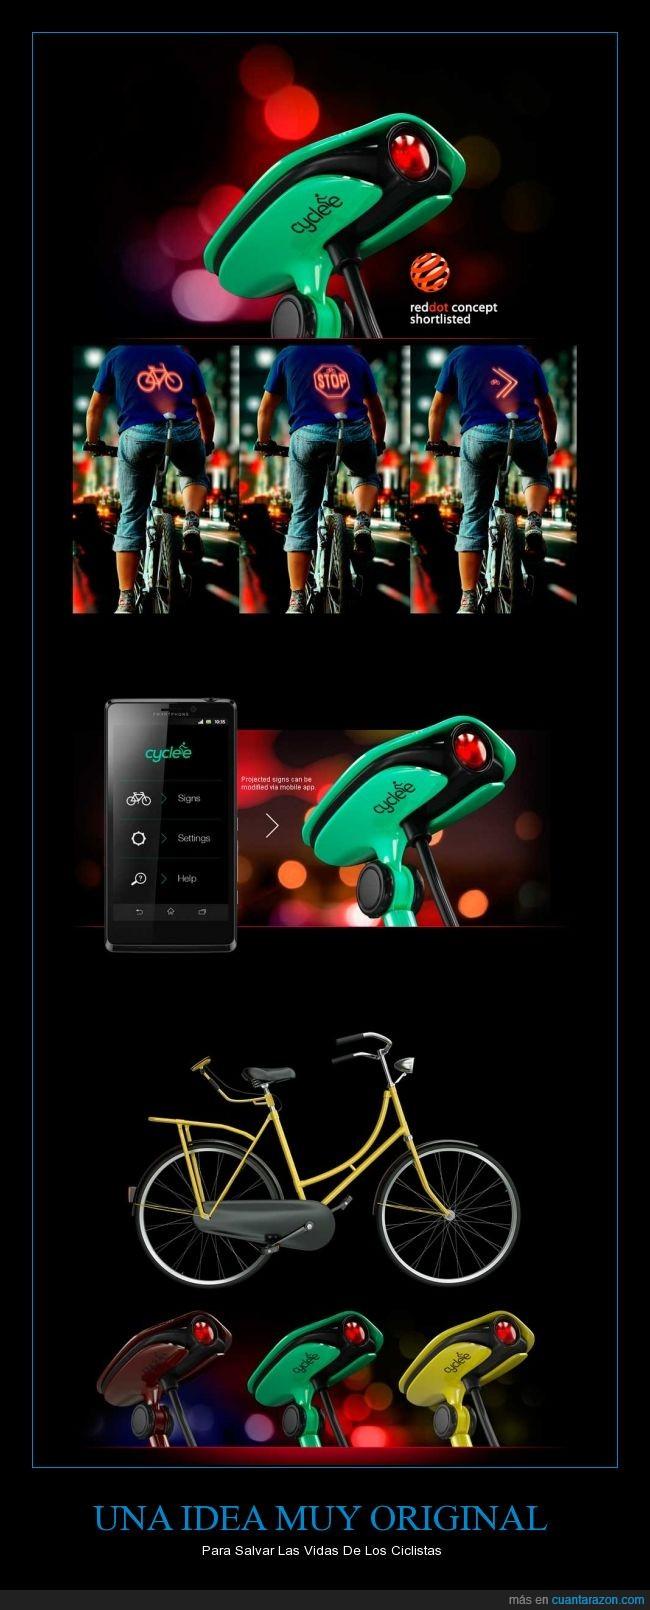 bicicleta,Ciclistas,idea,luces,original,proyectar,proyector,salvar,vida